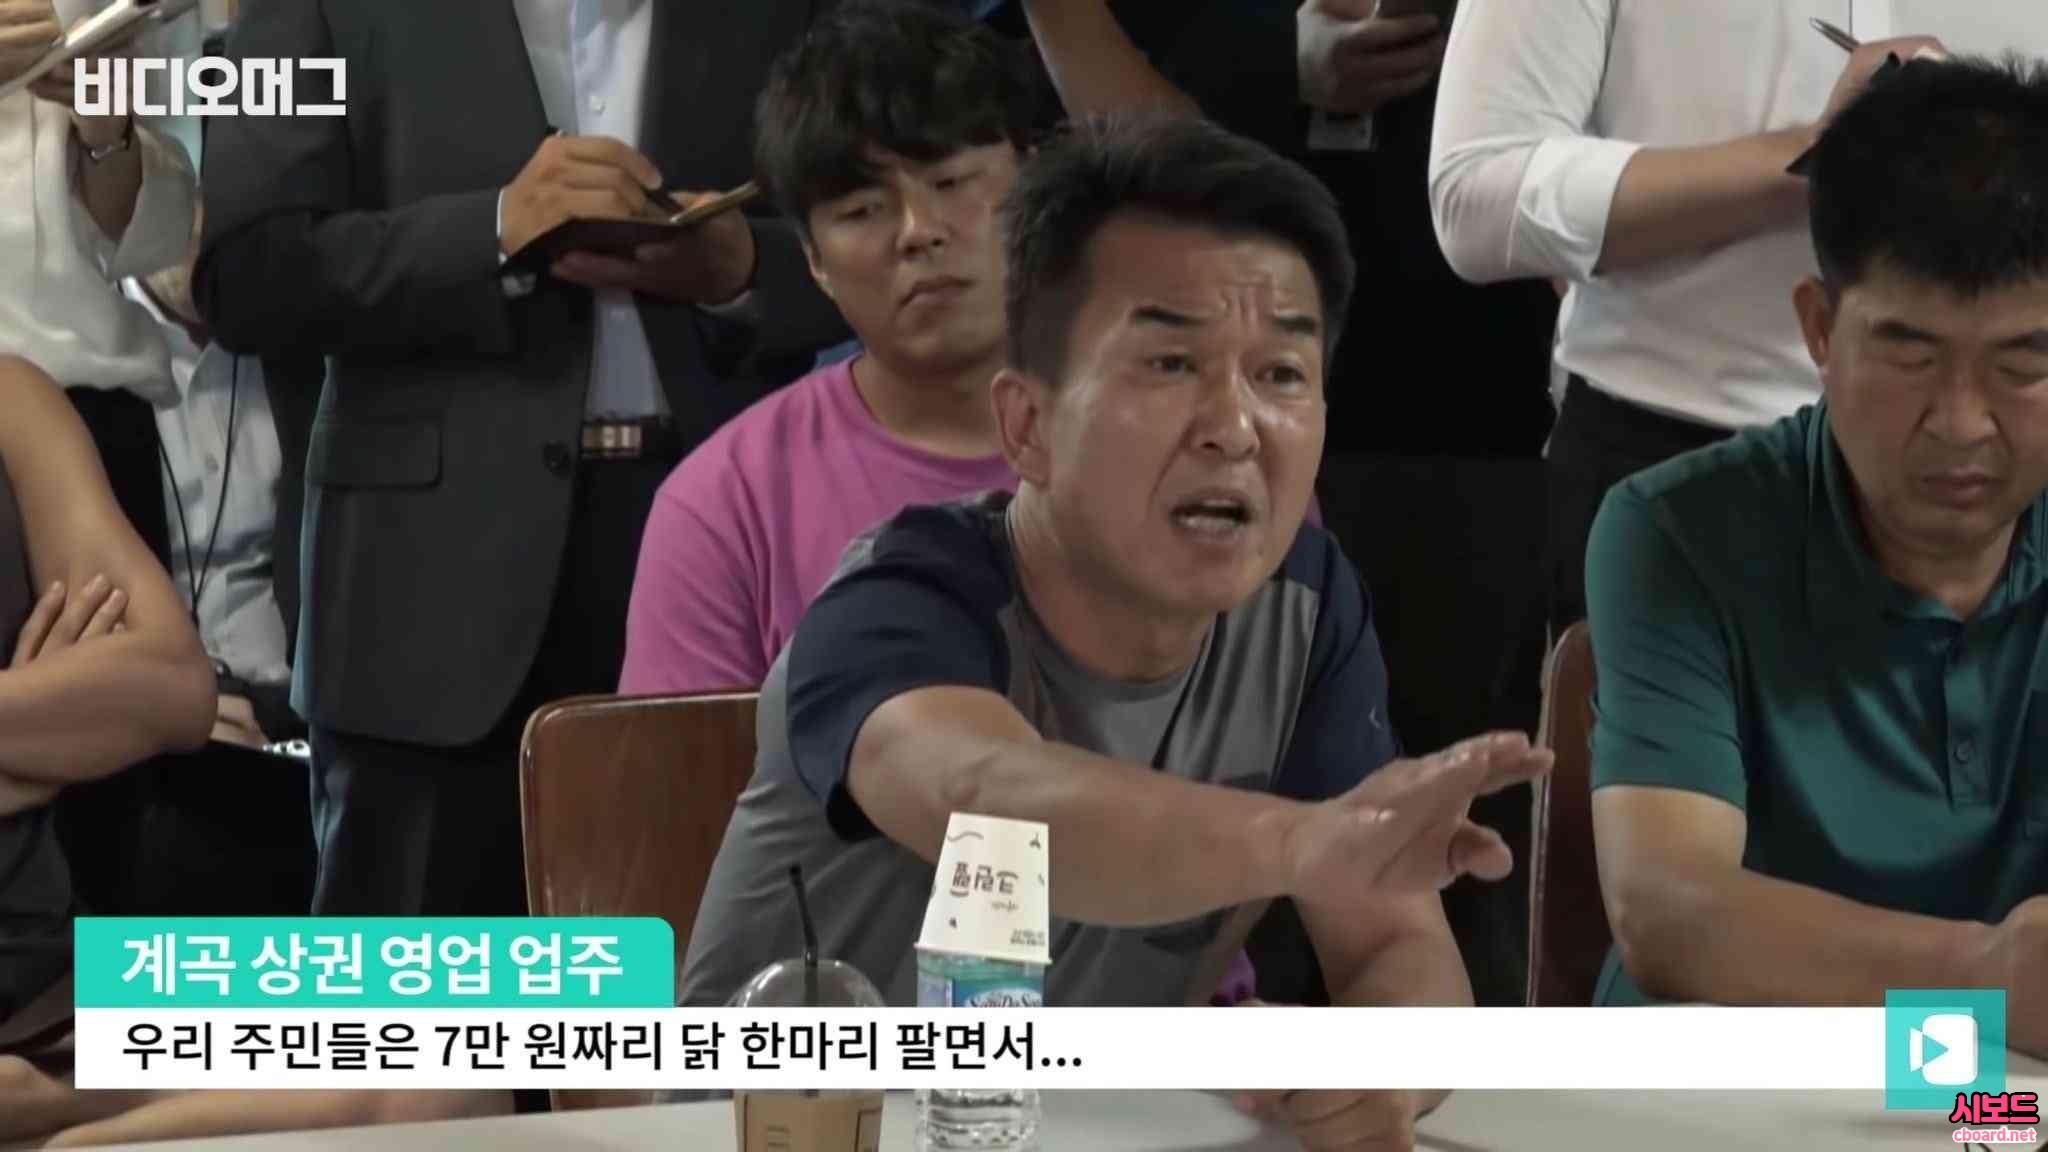 계곡 상권 영업 업주 -cboard